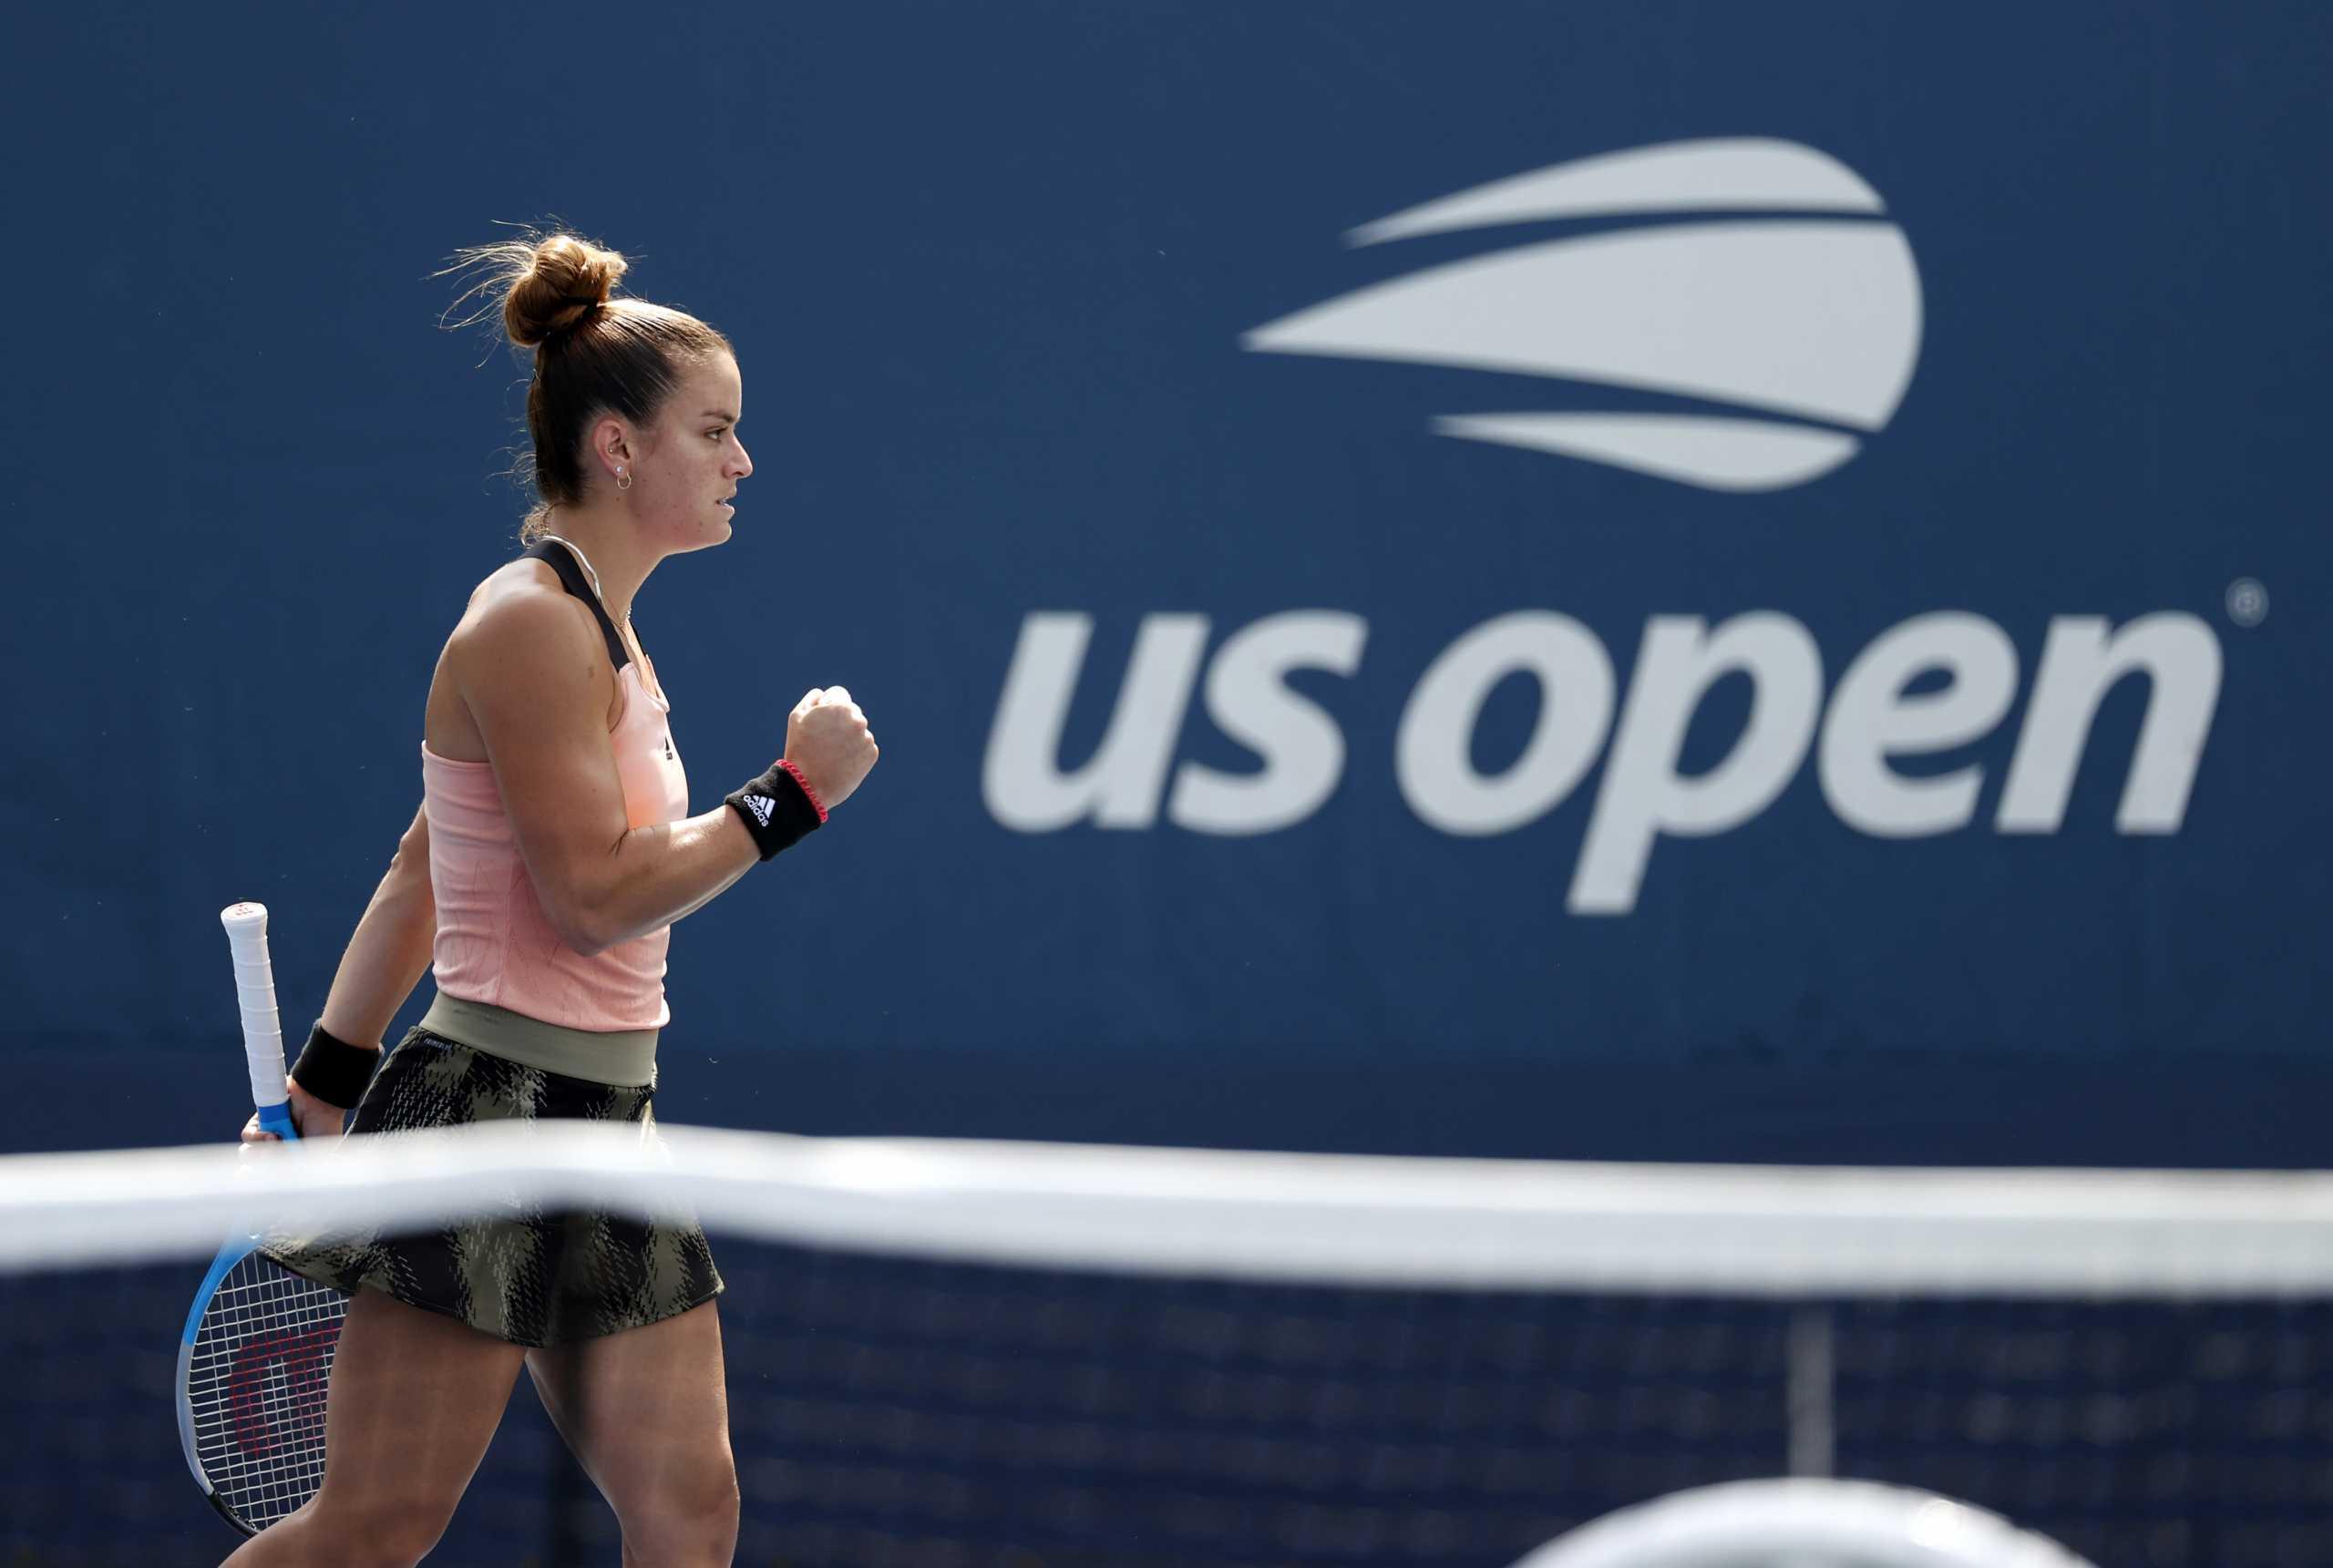 Μαρία Σάκκαρη: Κόντρα στην Κβίτοβα στους «32» του US Open